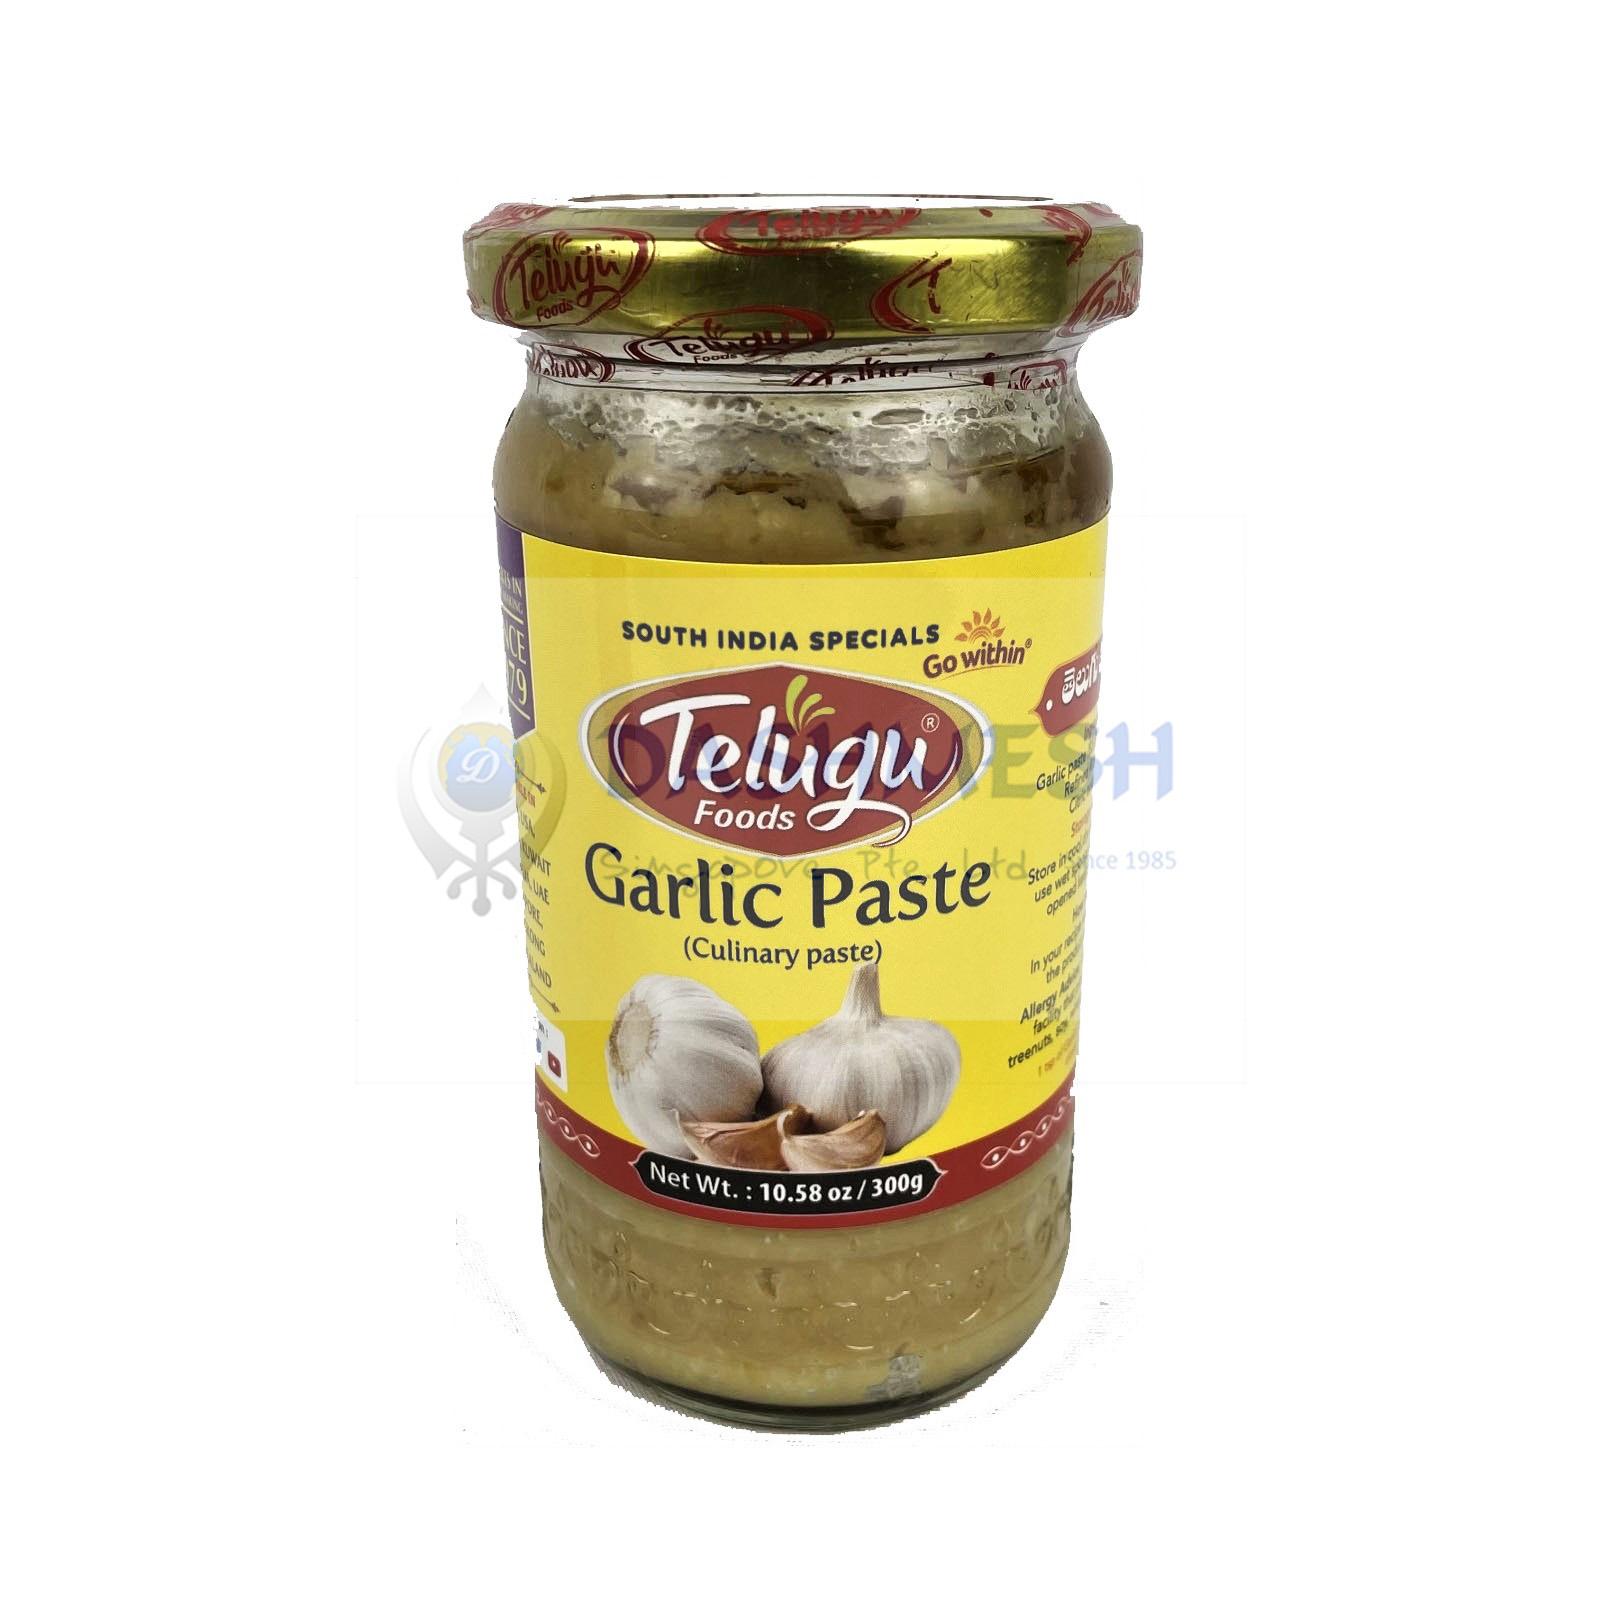 Telugu Garlic Paste 300g